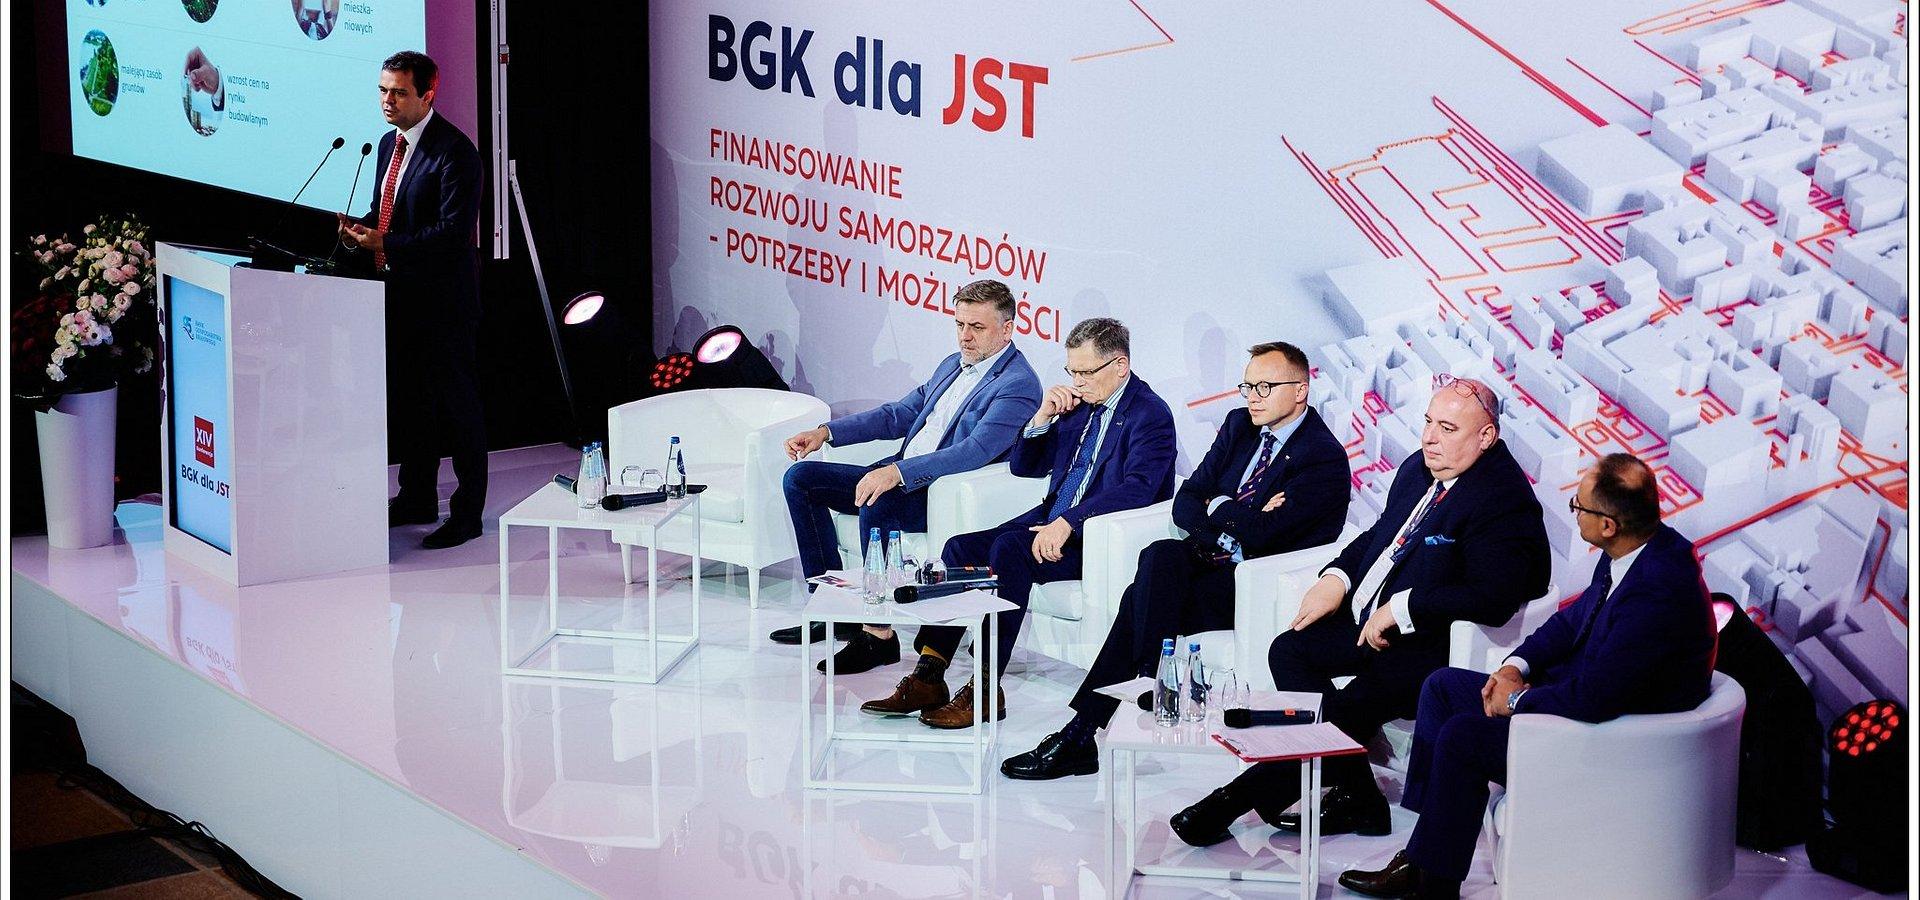 Z samorządami o nowej perspektywie budżetowej UE. Za nami XIV Konferencja BGK dla JST